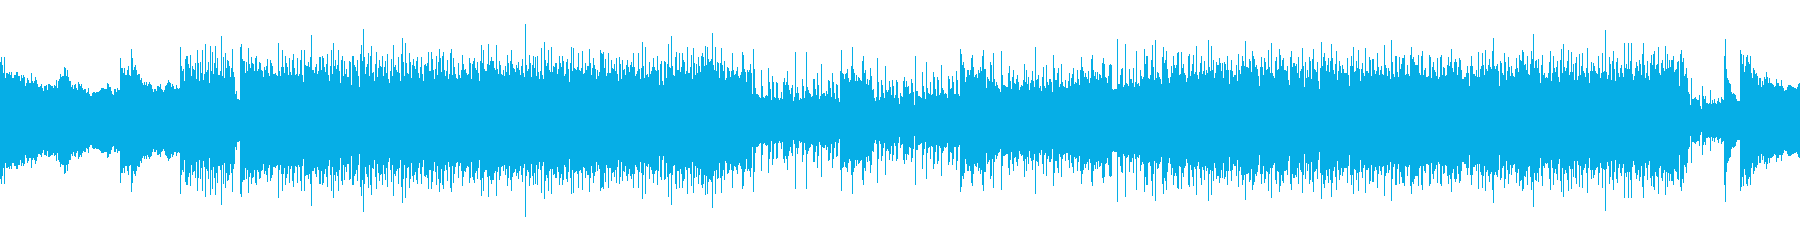 Duelist 60秒バンドサウンド版の再生済みの波形